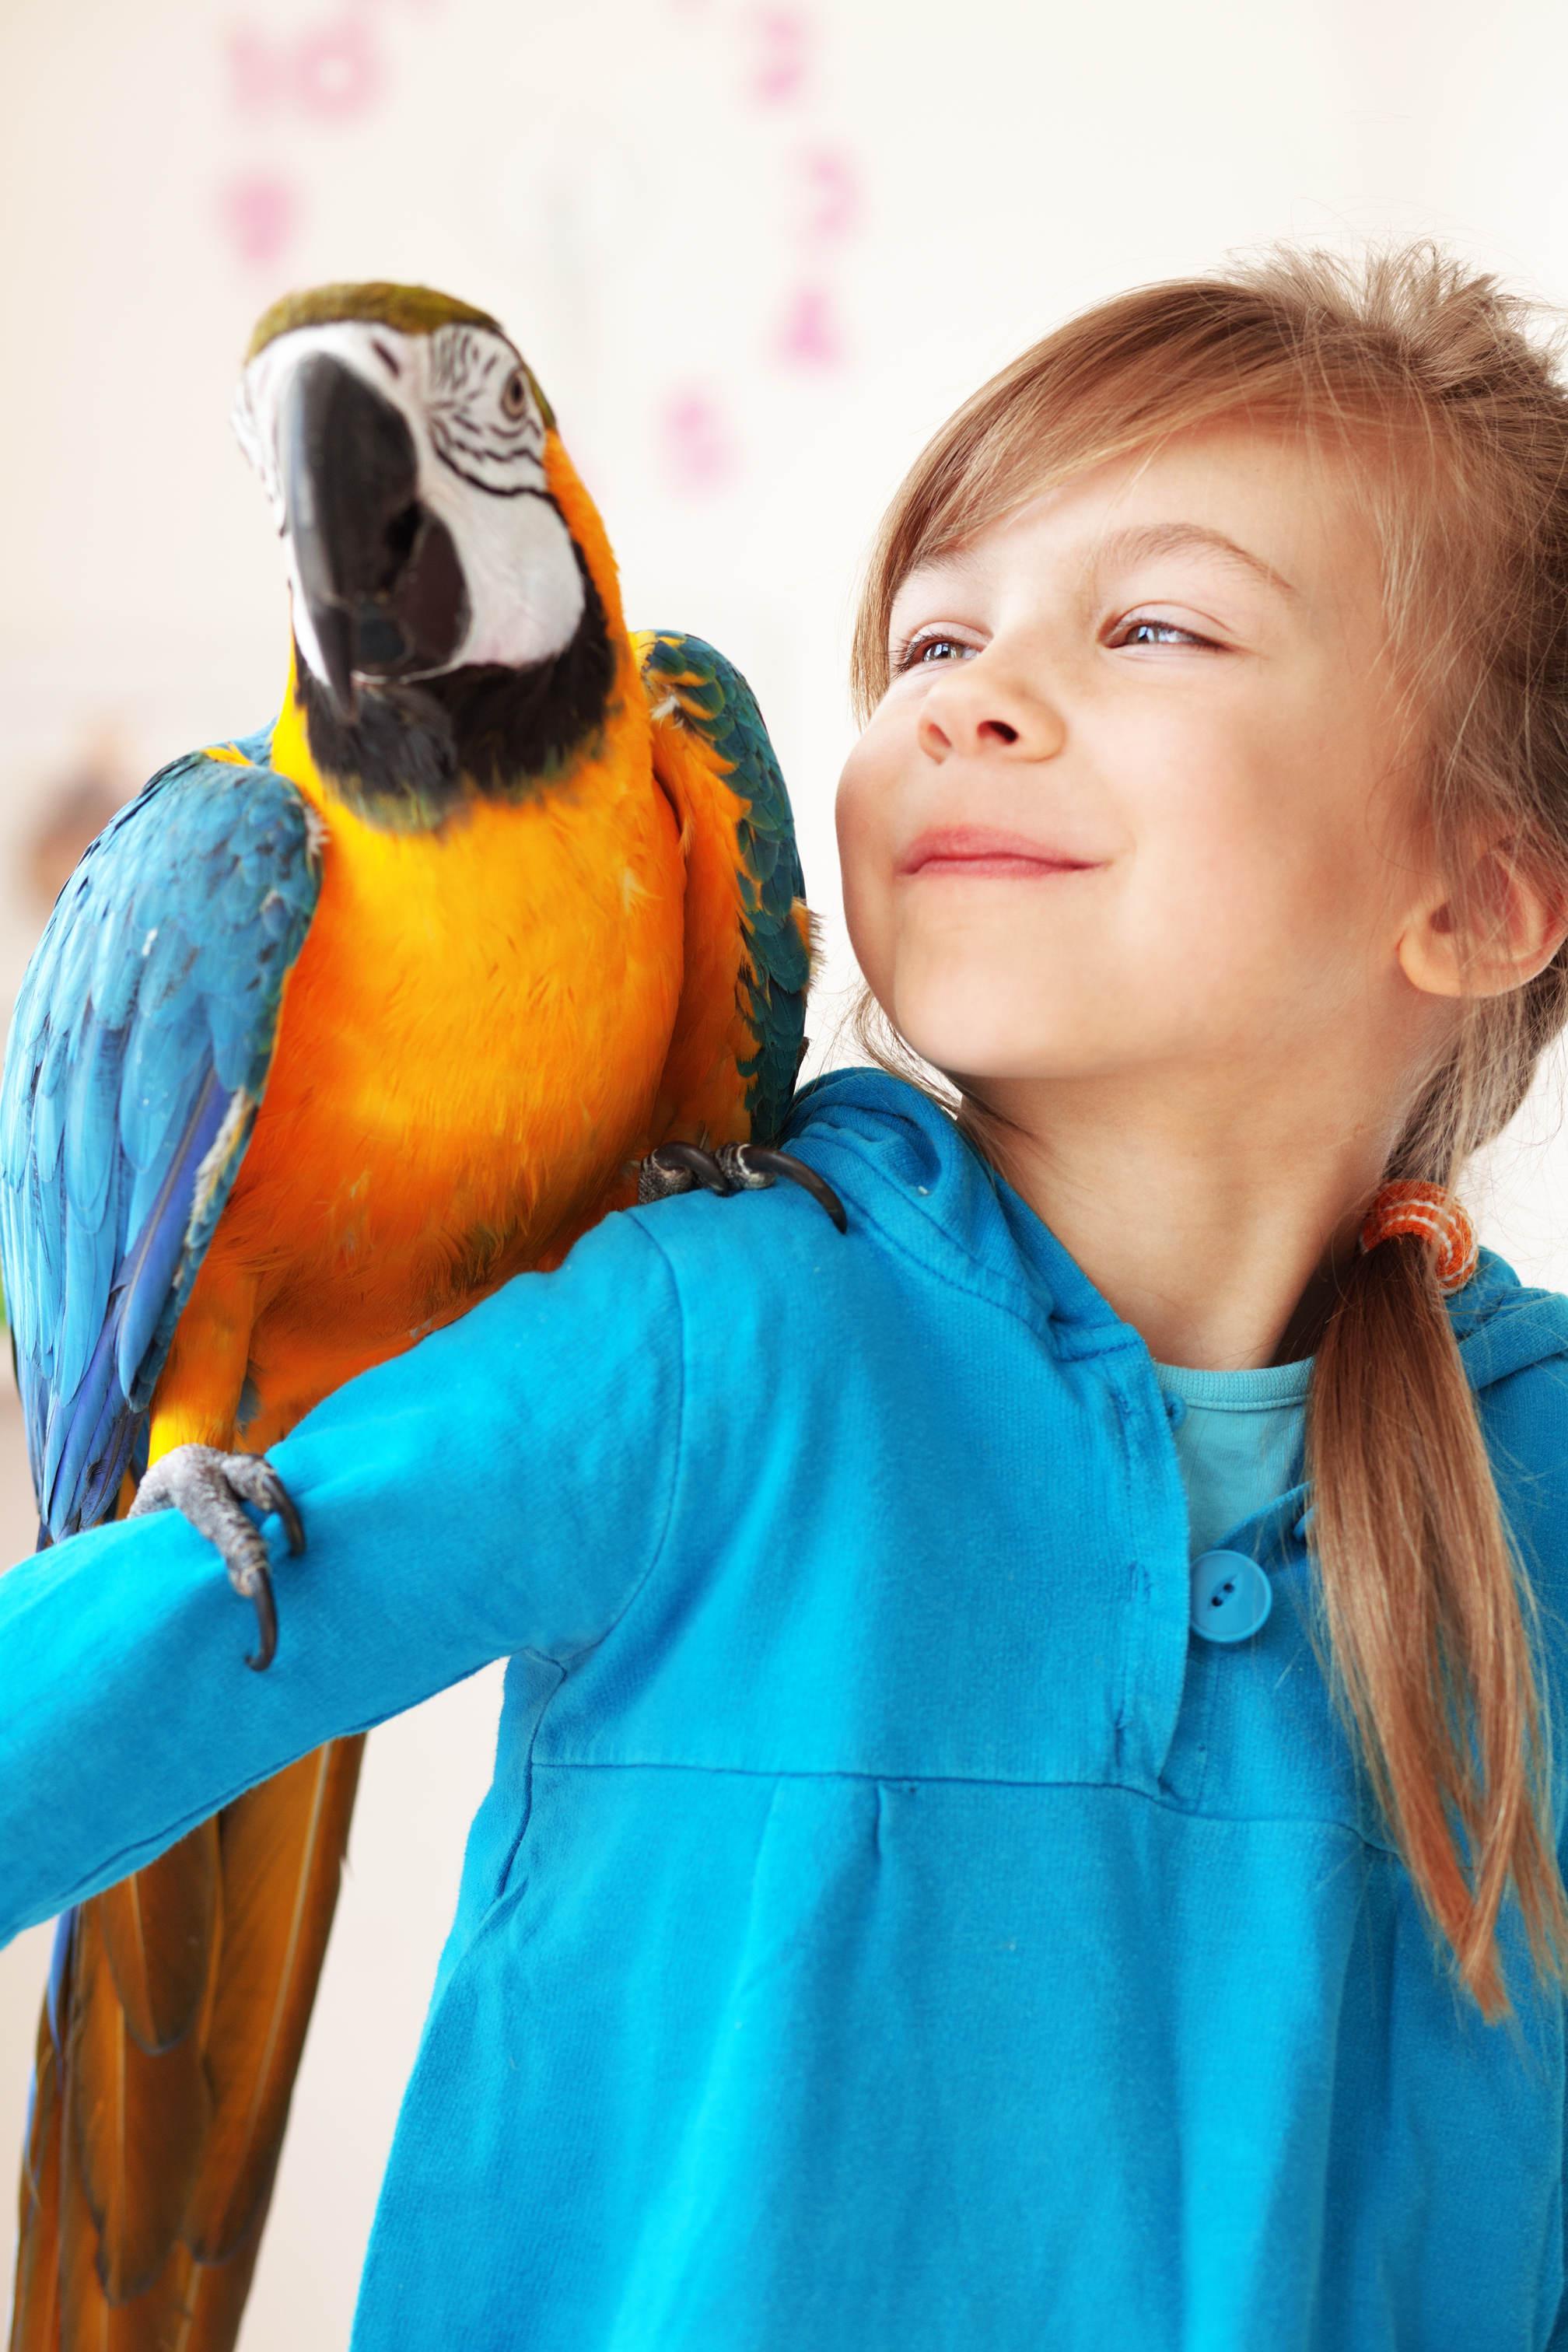 Bild von Kind mit Papagei